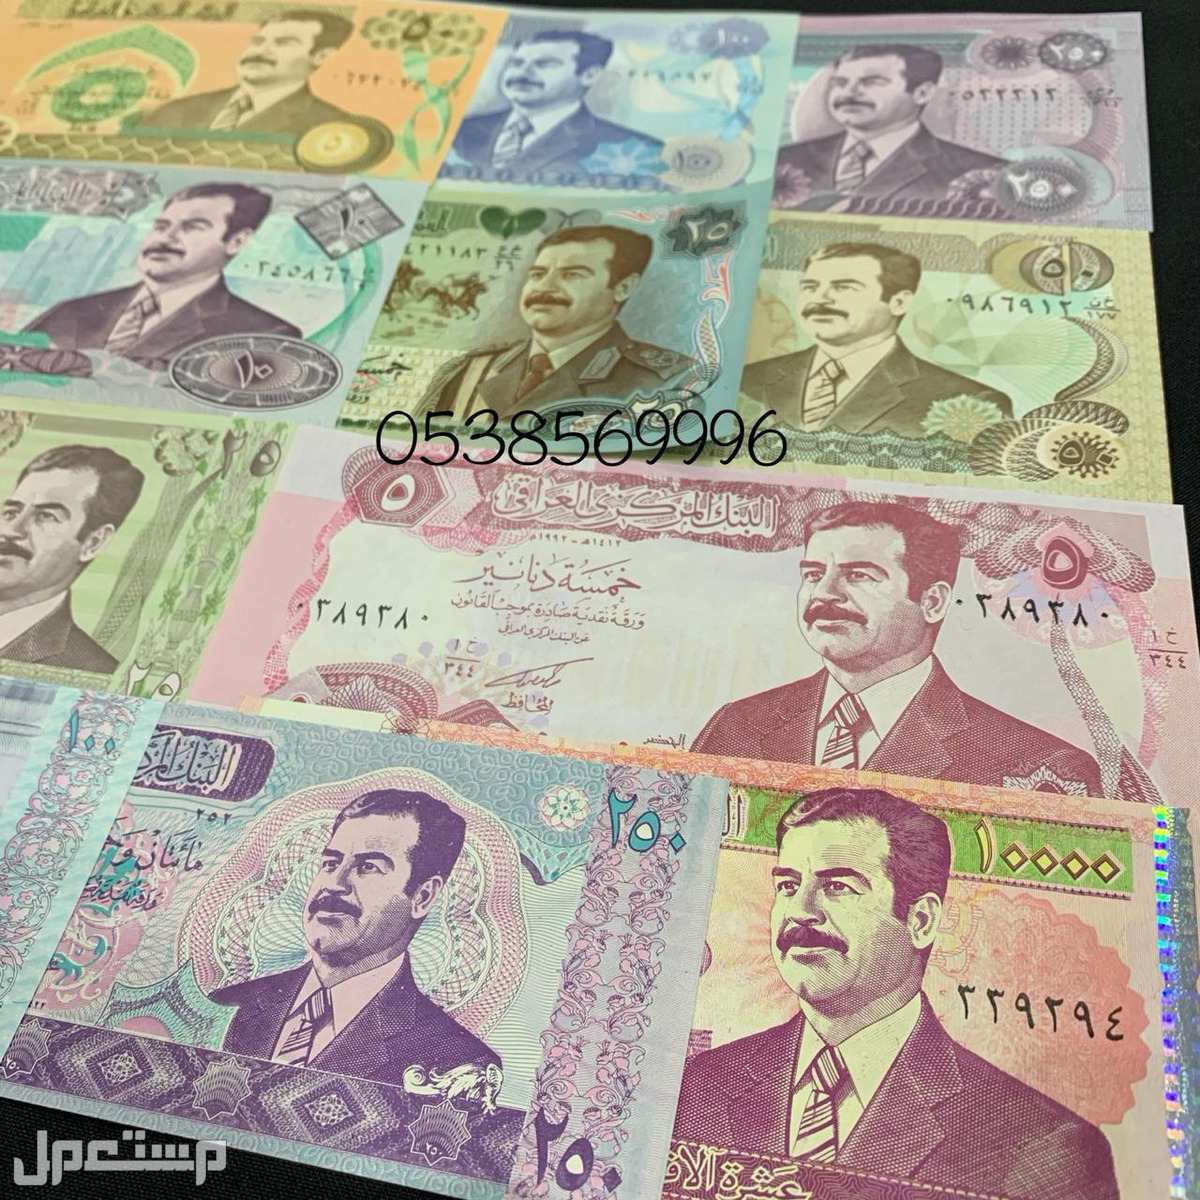 عملات صدام حسين 11 فئة مختلفة مجموعة مميزة